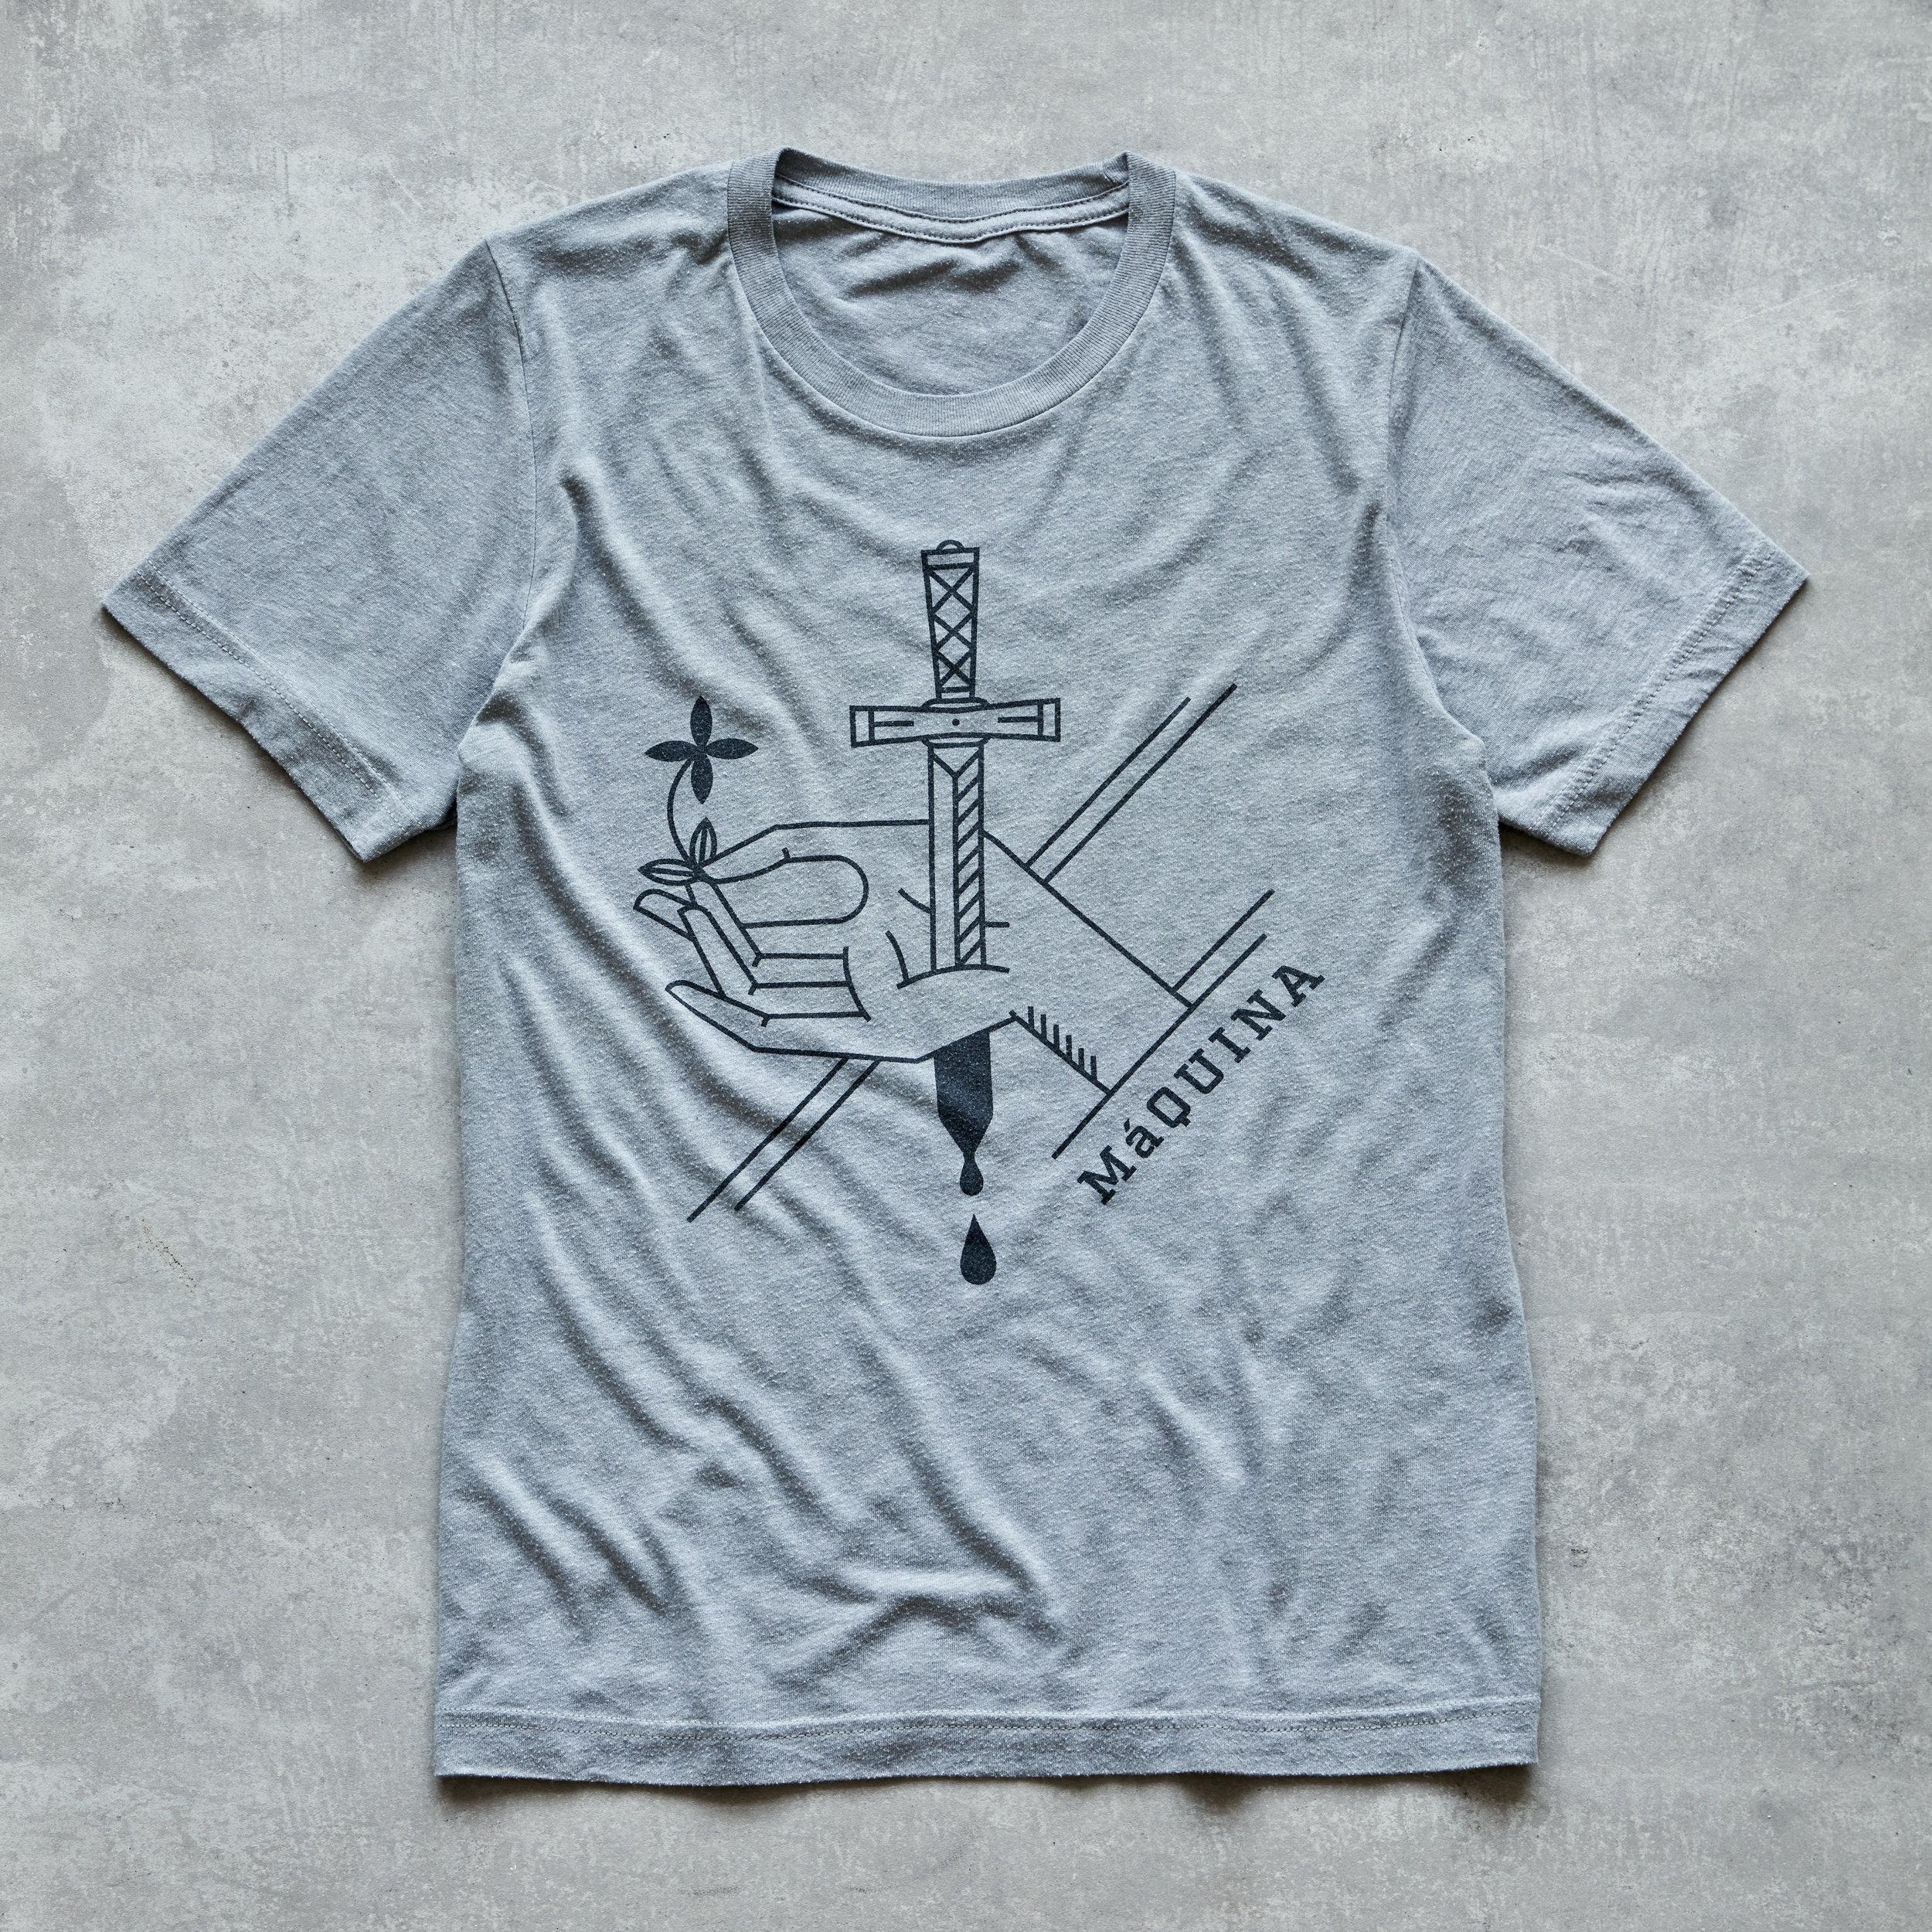 GOOD BONES_MAQUINA_shirt-1.jpg